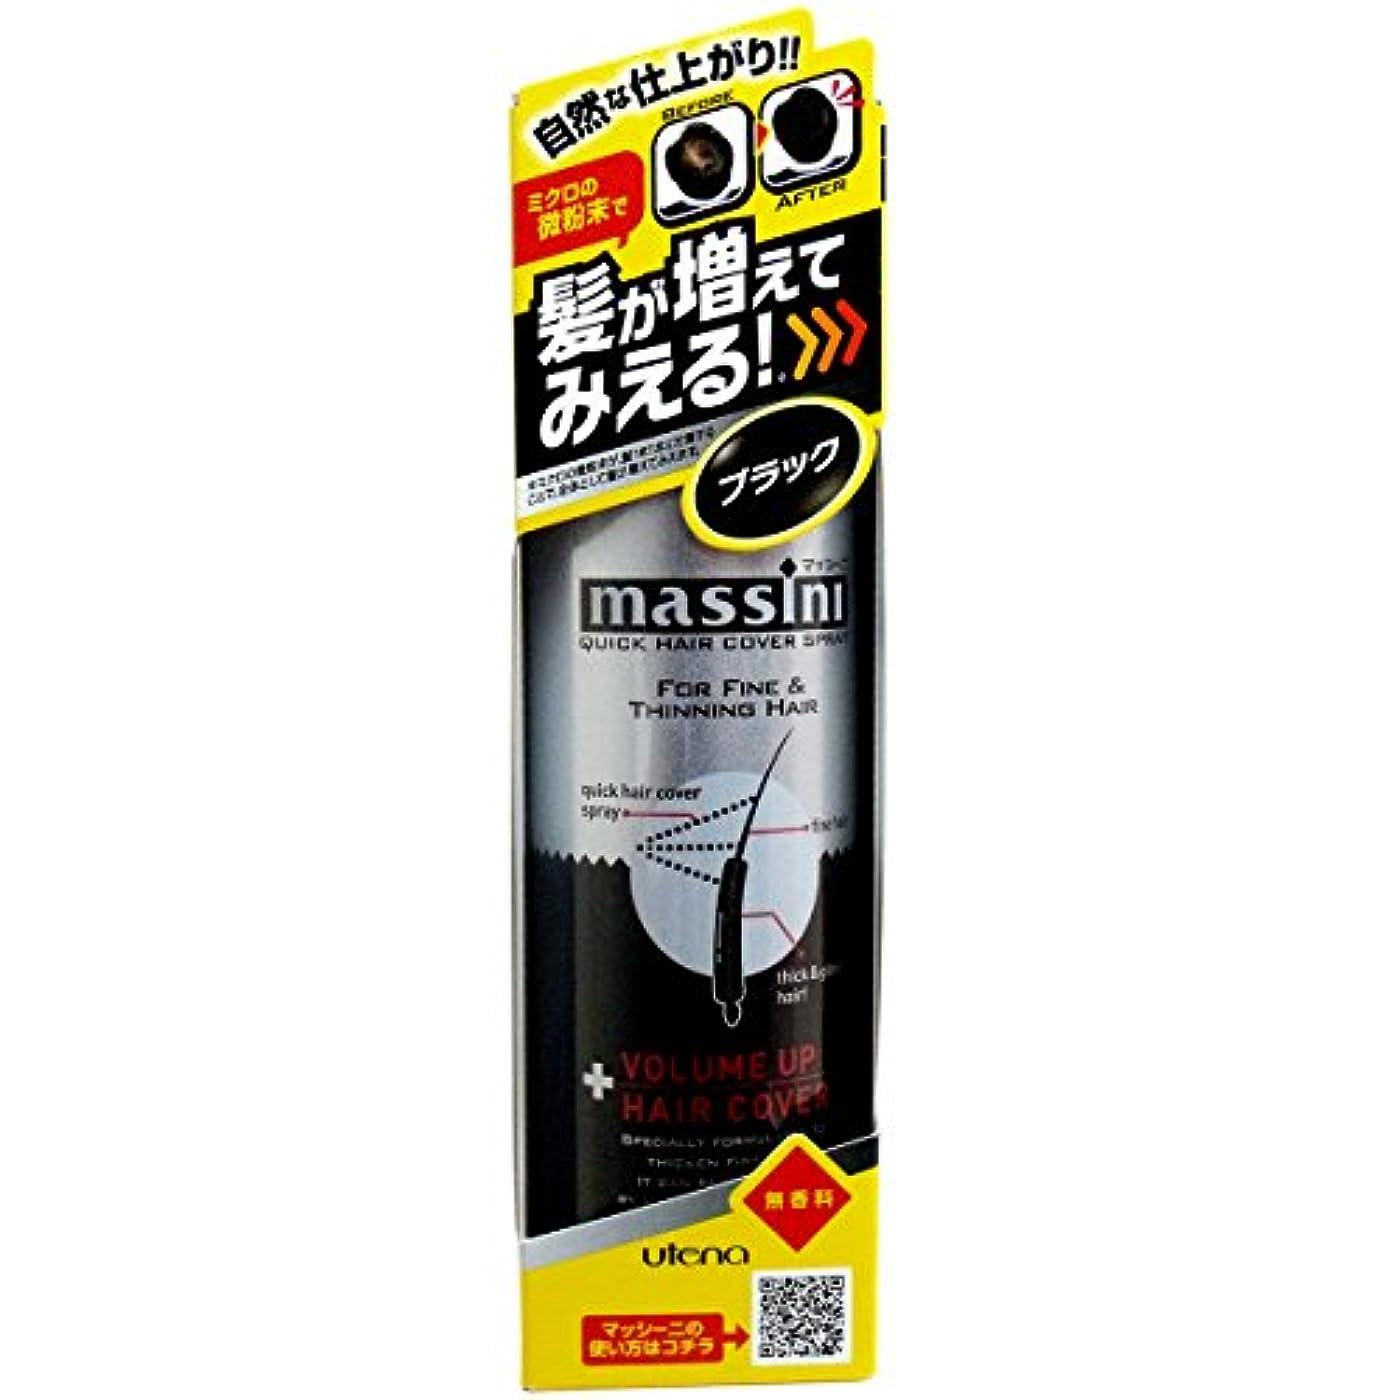 石友情ネクタイ【ウテナ】マッシーニ クィックヘアカバースプレー(ブラック) 140g ×5個セット